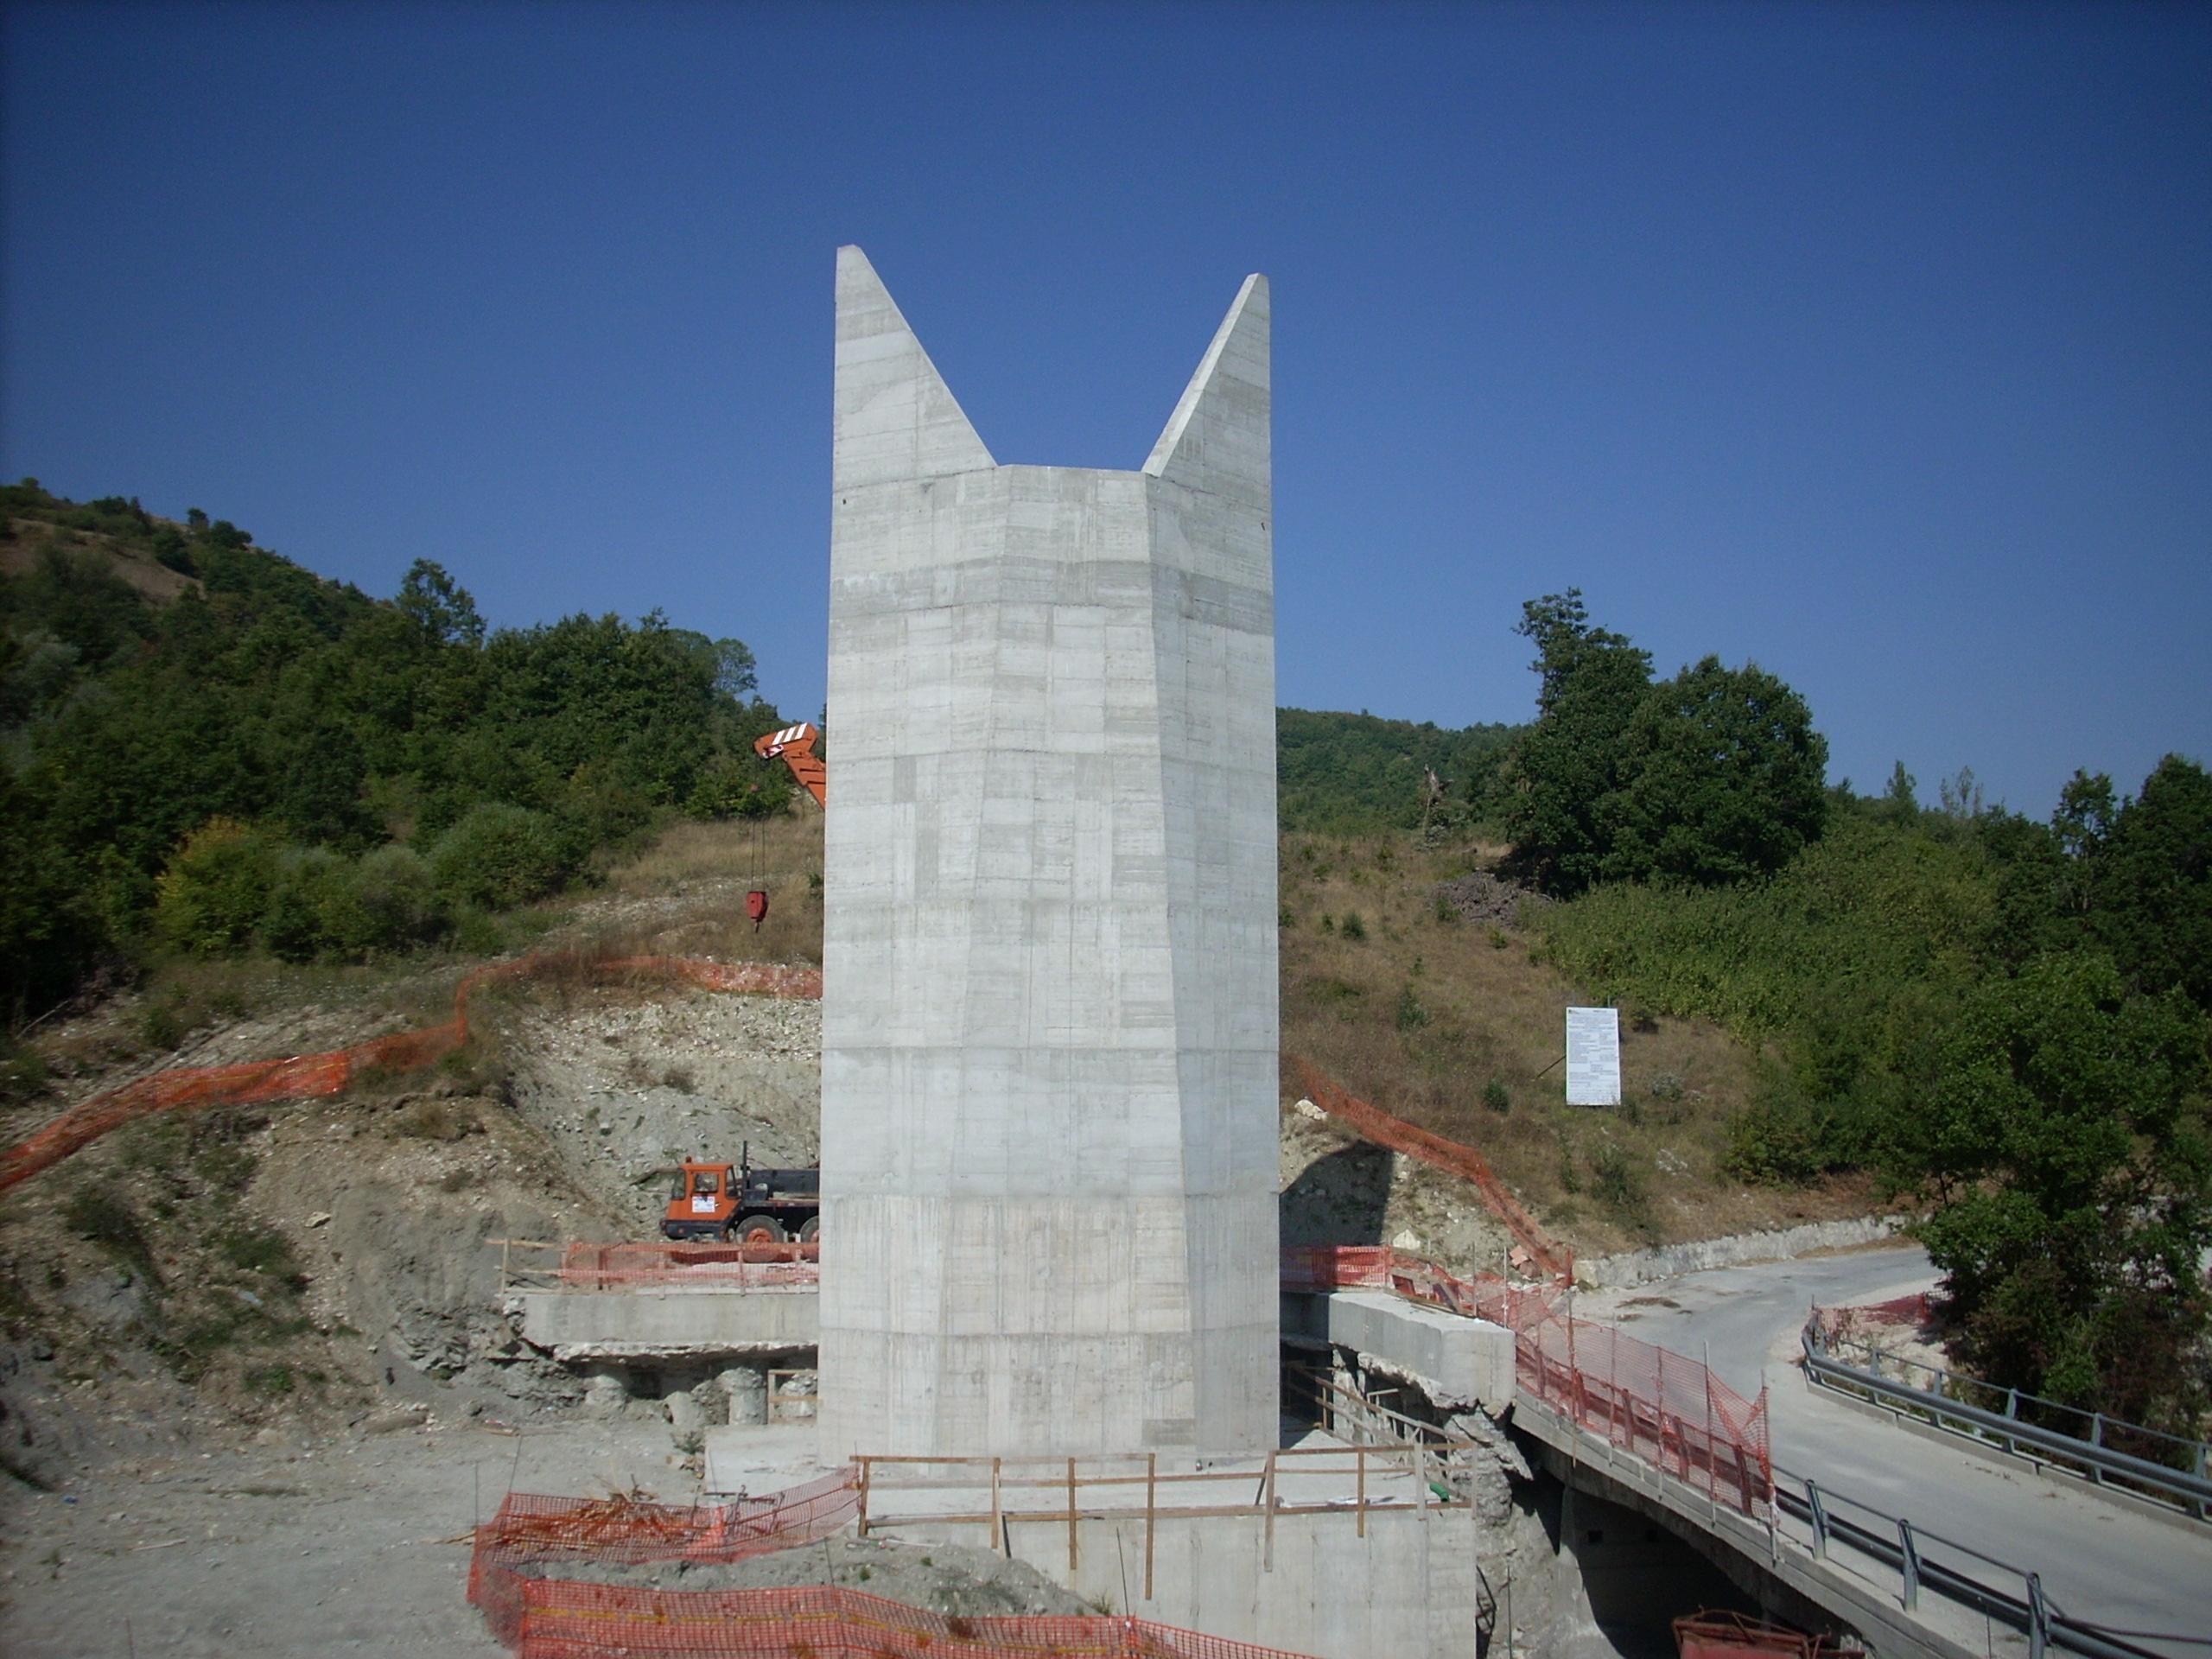 Realizzazione-viadotto-con-impalcato-in-ferro-SS-17-Isernia-2